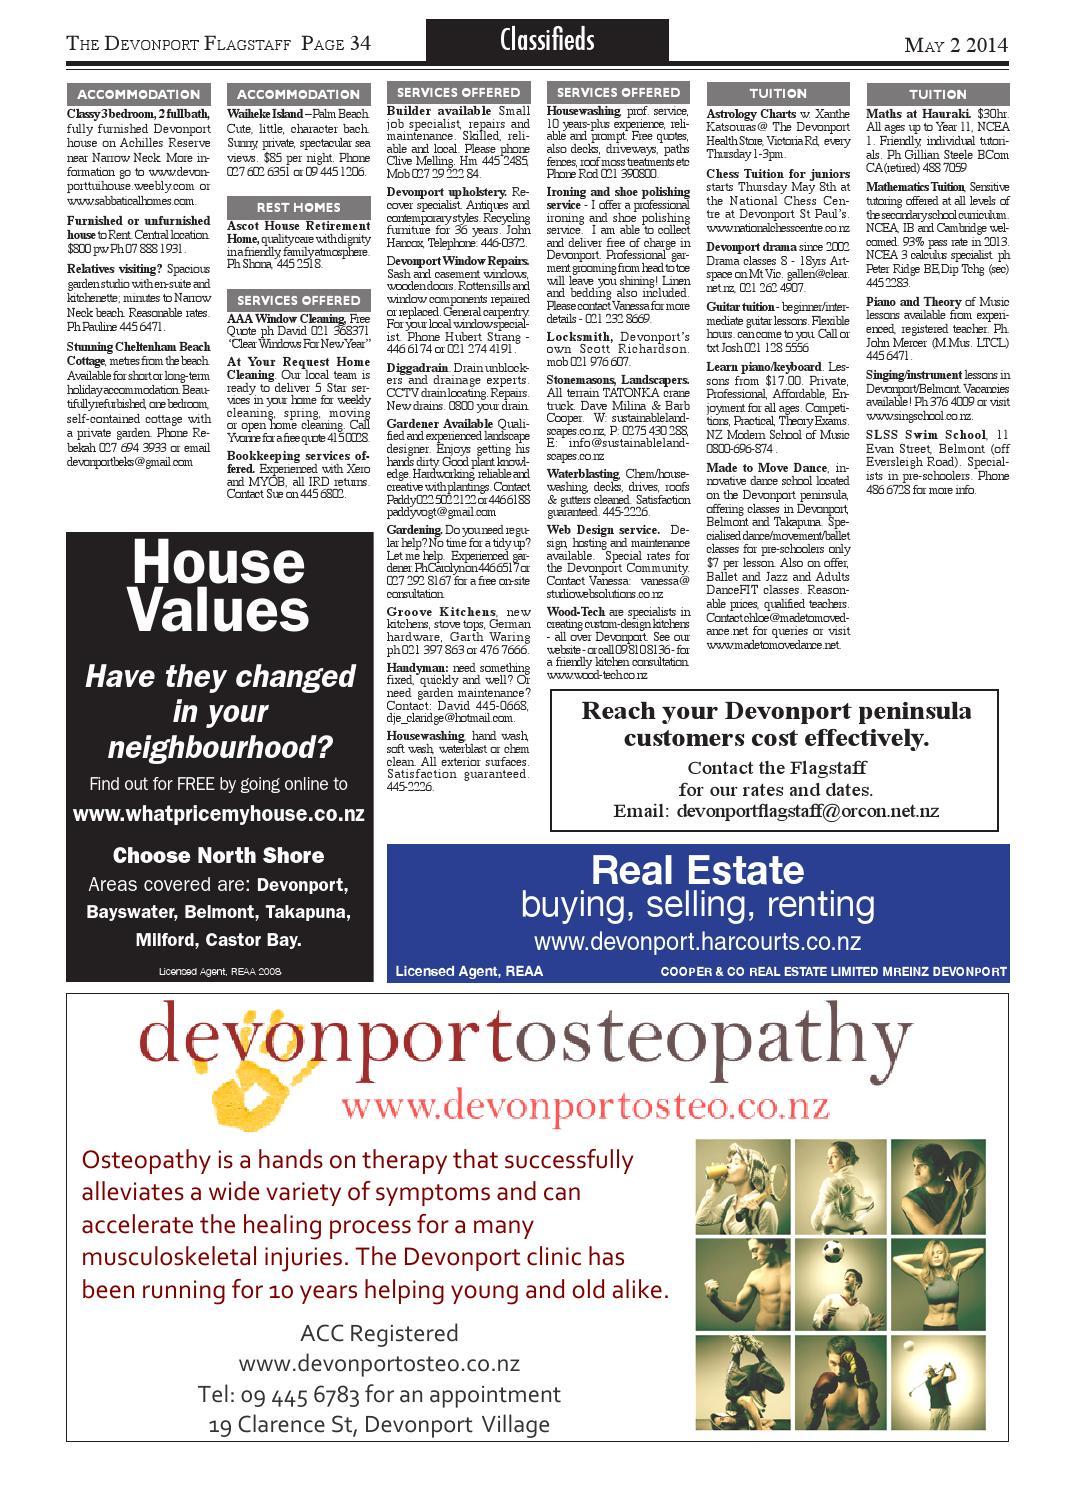 Devonport Flagstaff 2 May by Devonport Flagstaff - issuu